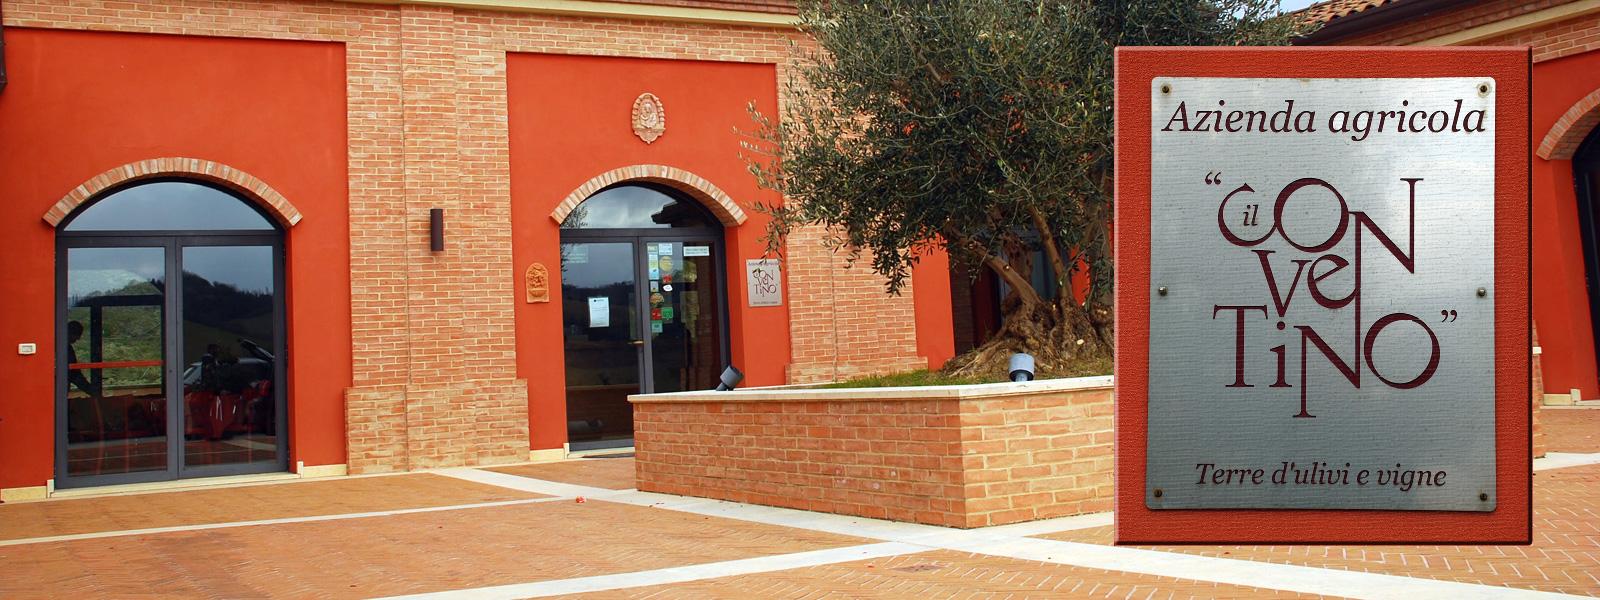 Azienda Agricola Conventino di Monteciccardo